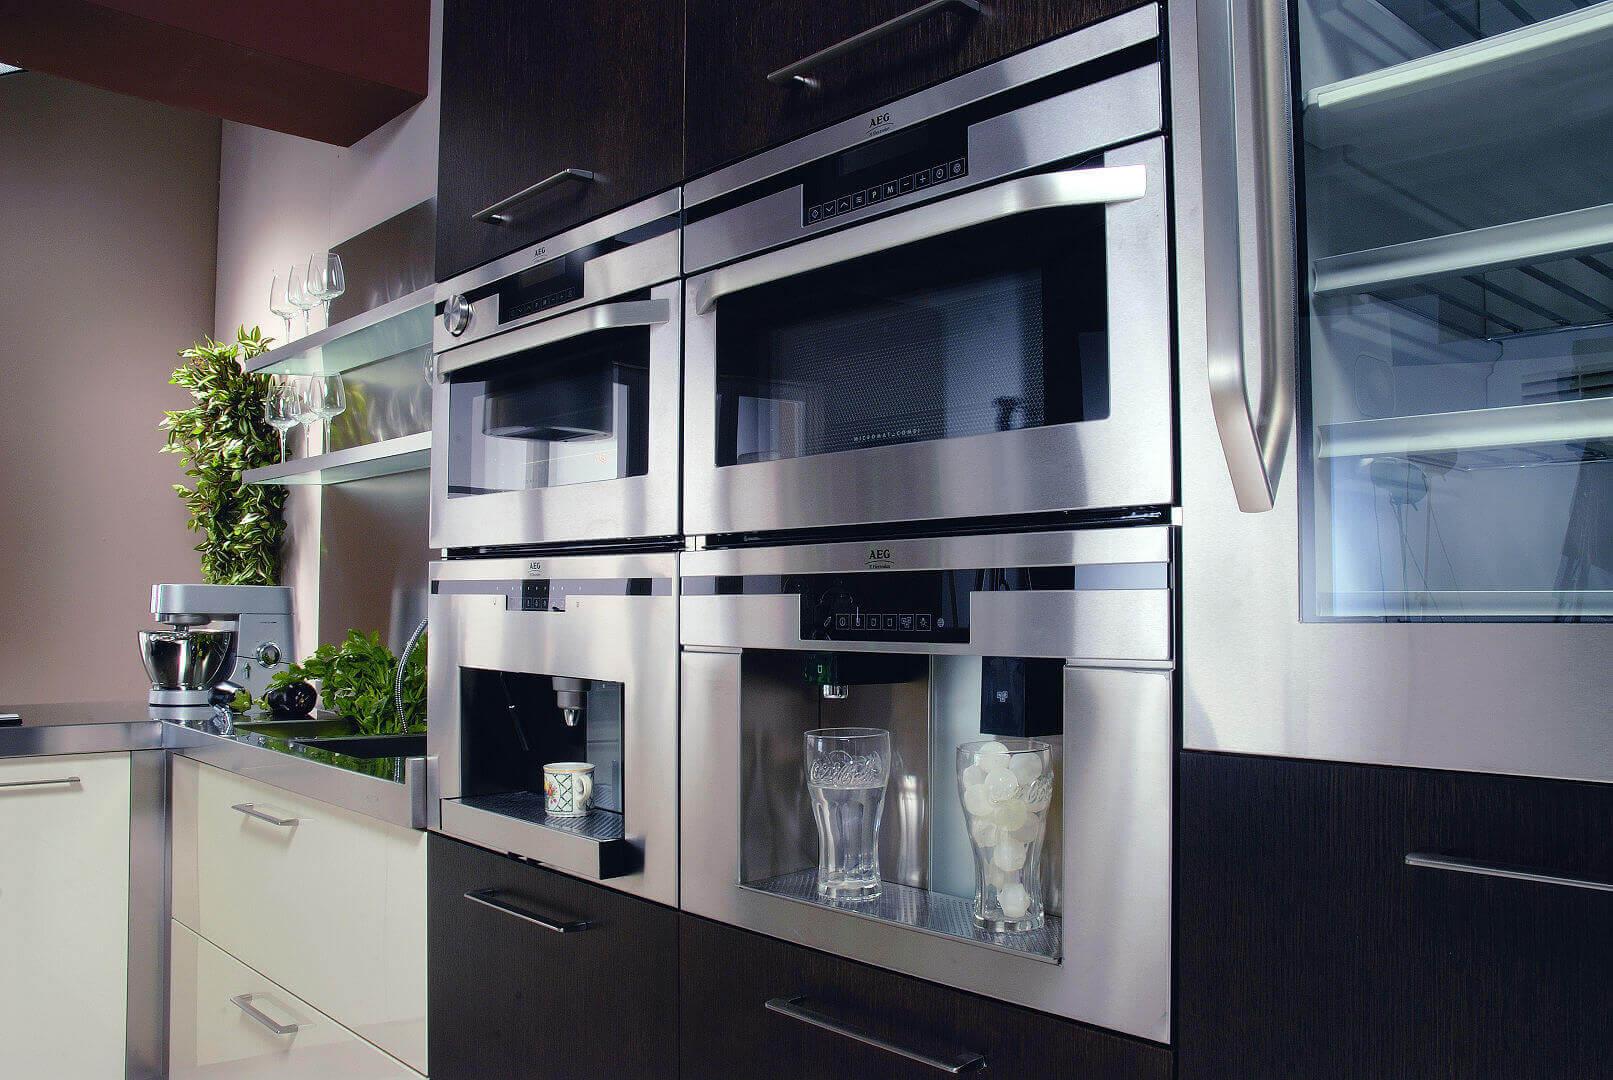 Retunne - Arca Cucine Italia - Cucine in Acciaio Inox